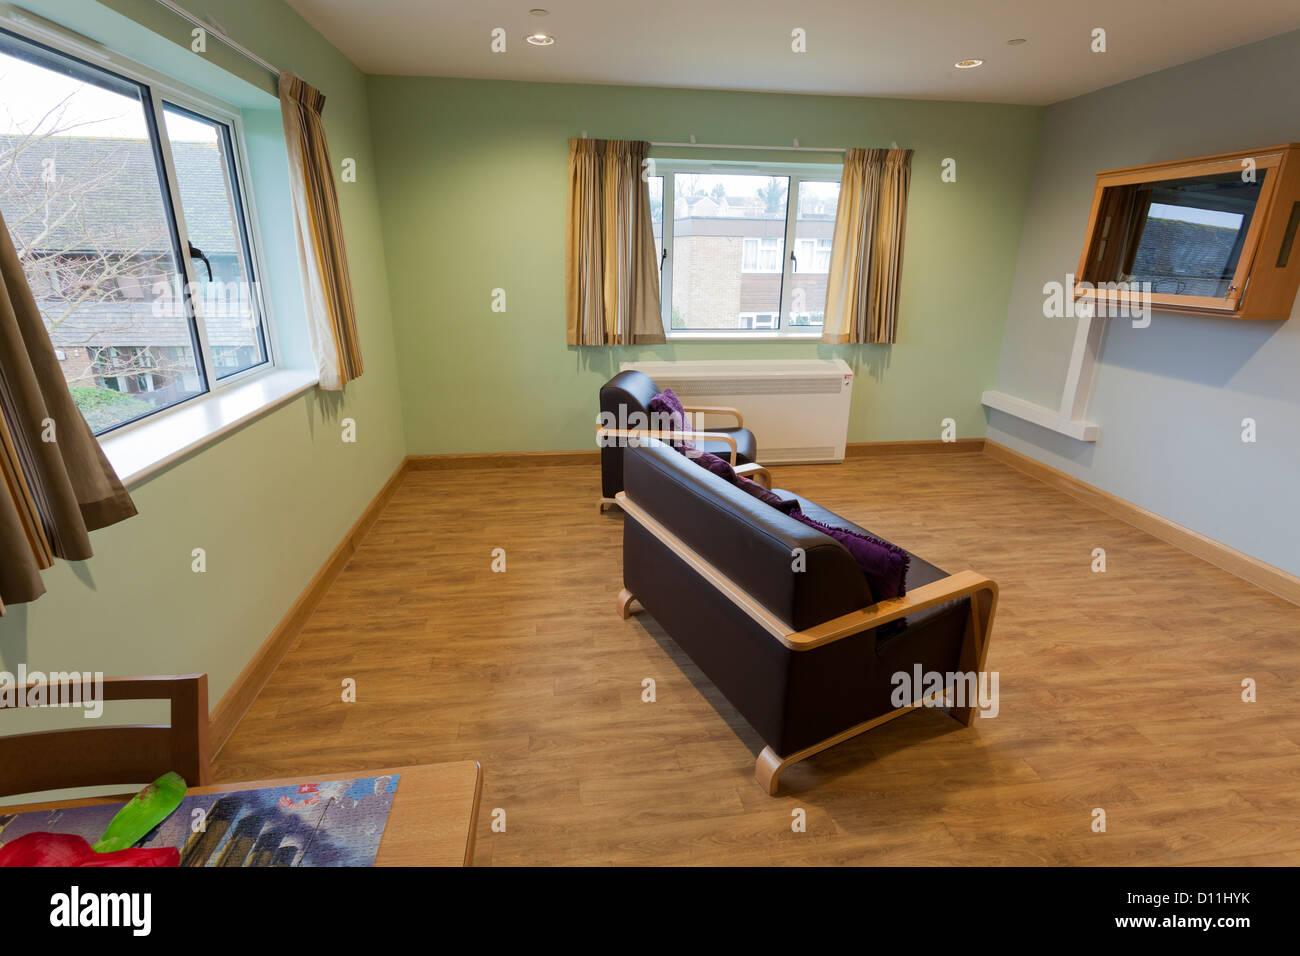 Care Home, comportamiento desafiante salón con televisión de pantalla de policarbonato protegido. Imagen De Stock